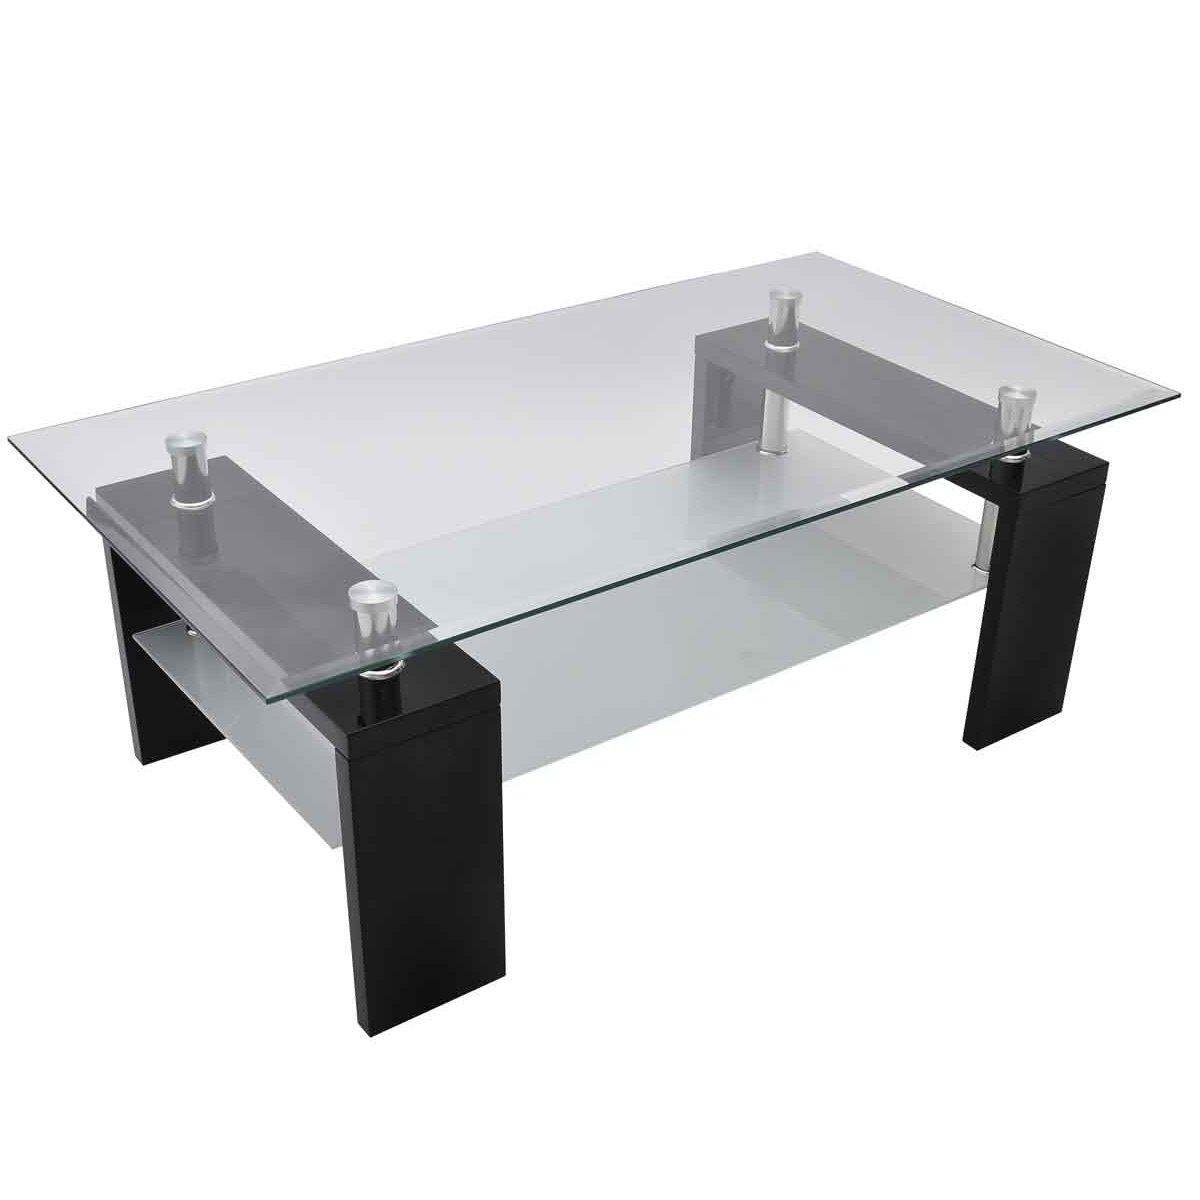 Tavolino salotto nero basso con base circolare: amazon.it: casa e ...